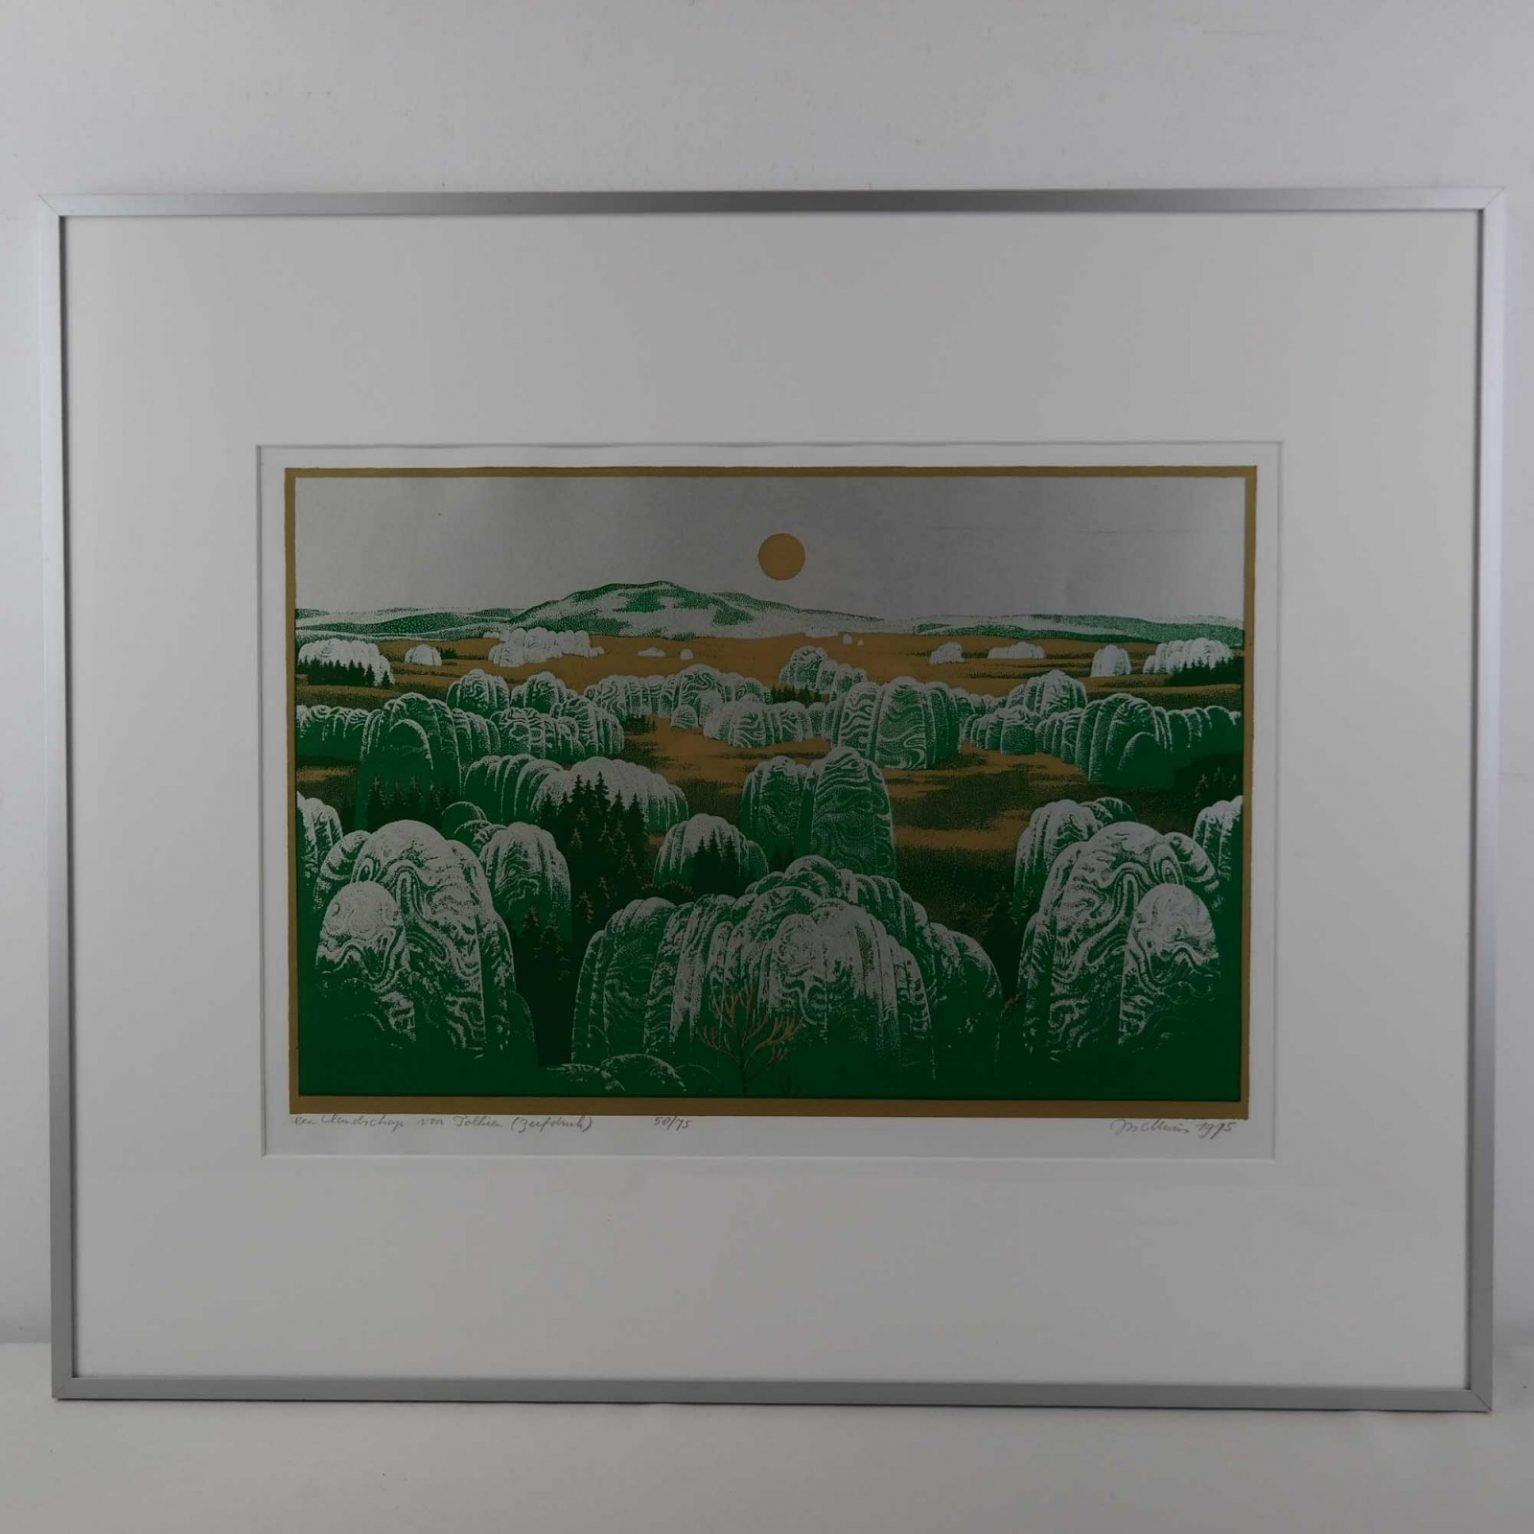 Jos Muris (1936-1984) -  Een landschap van Tolkien